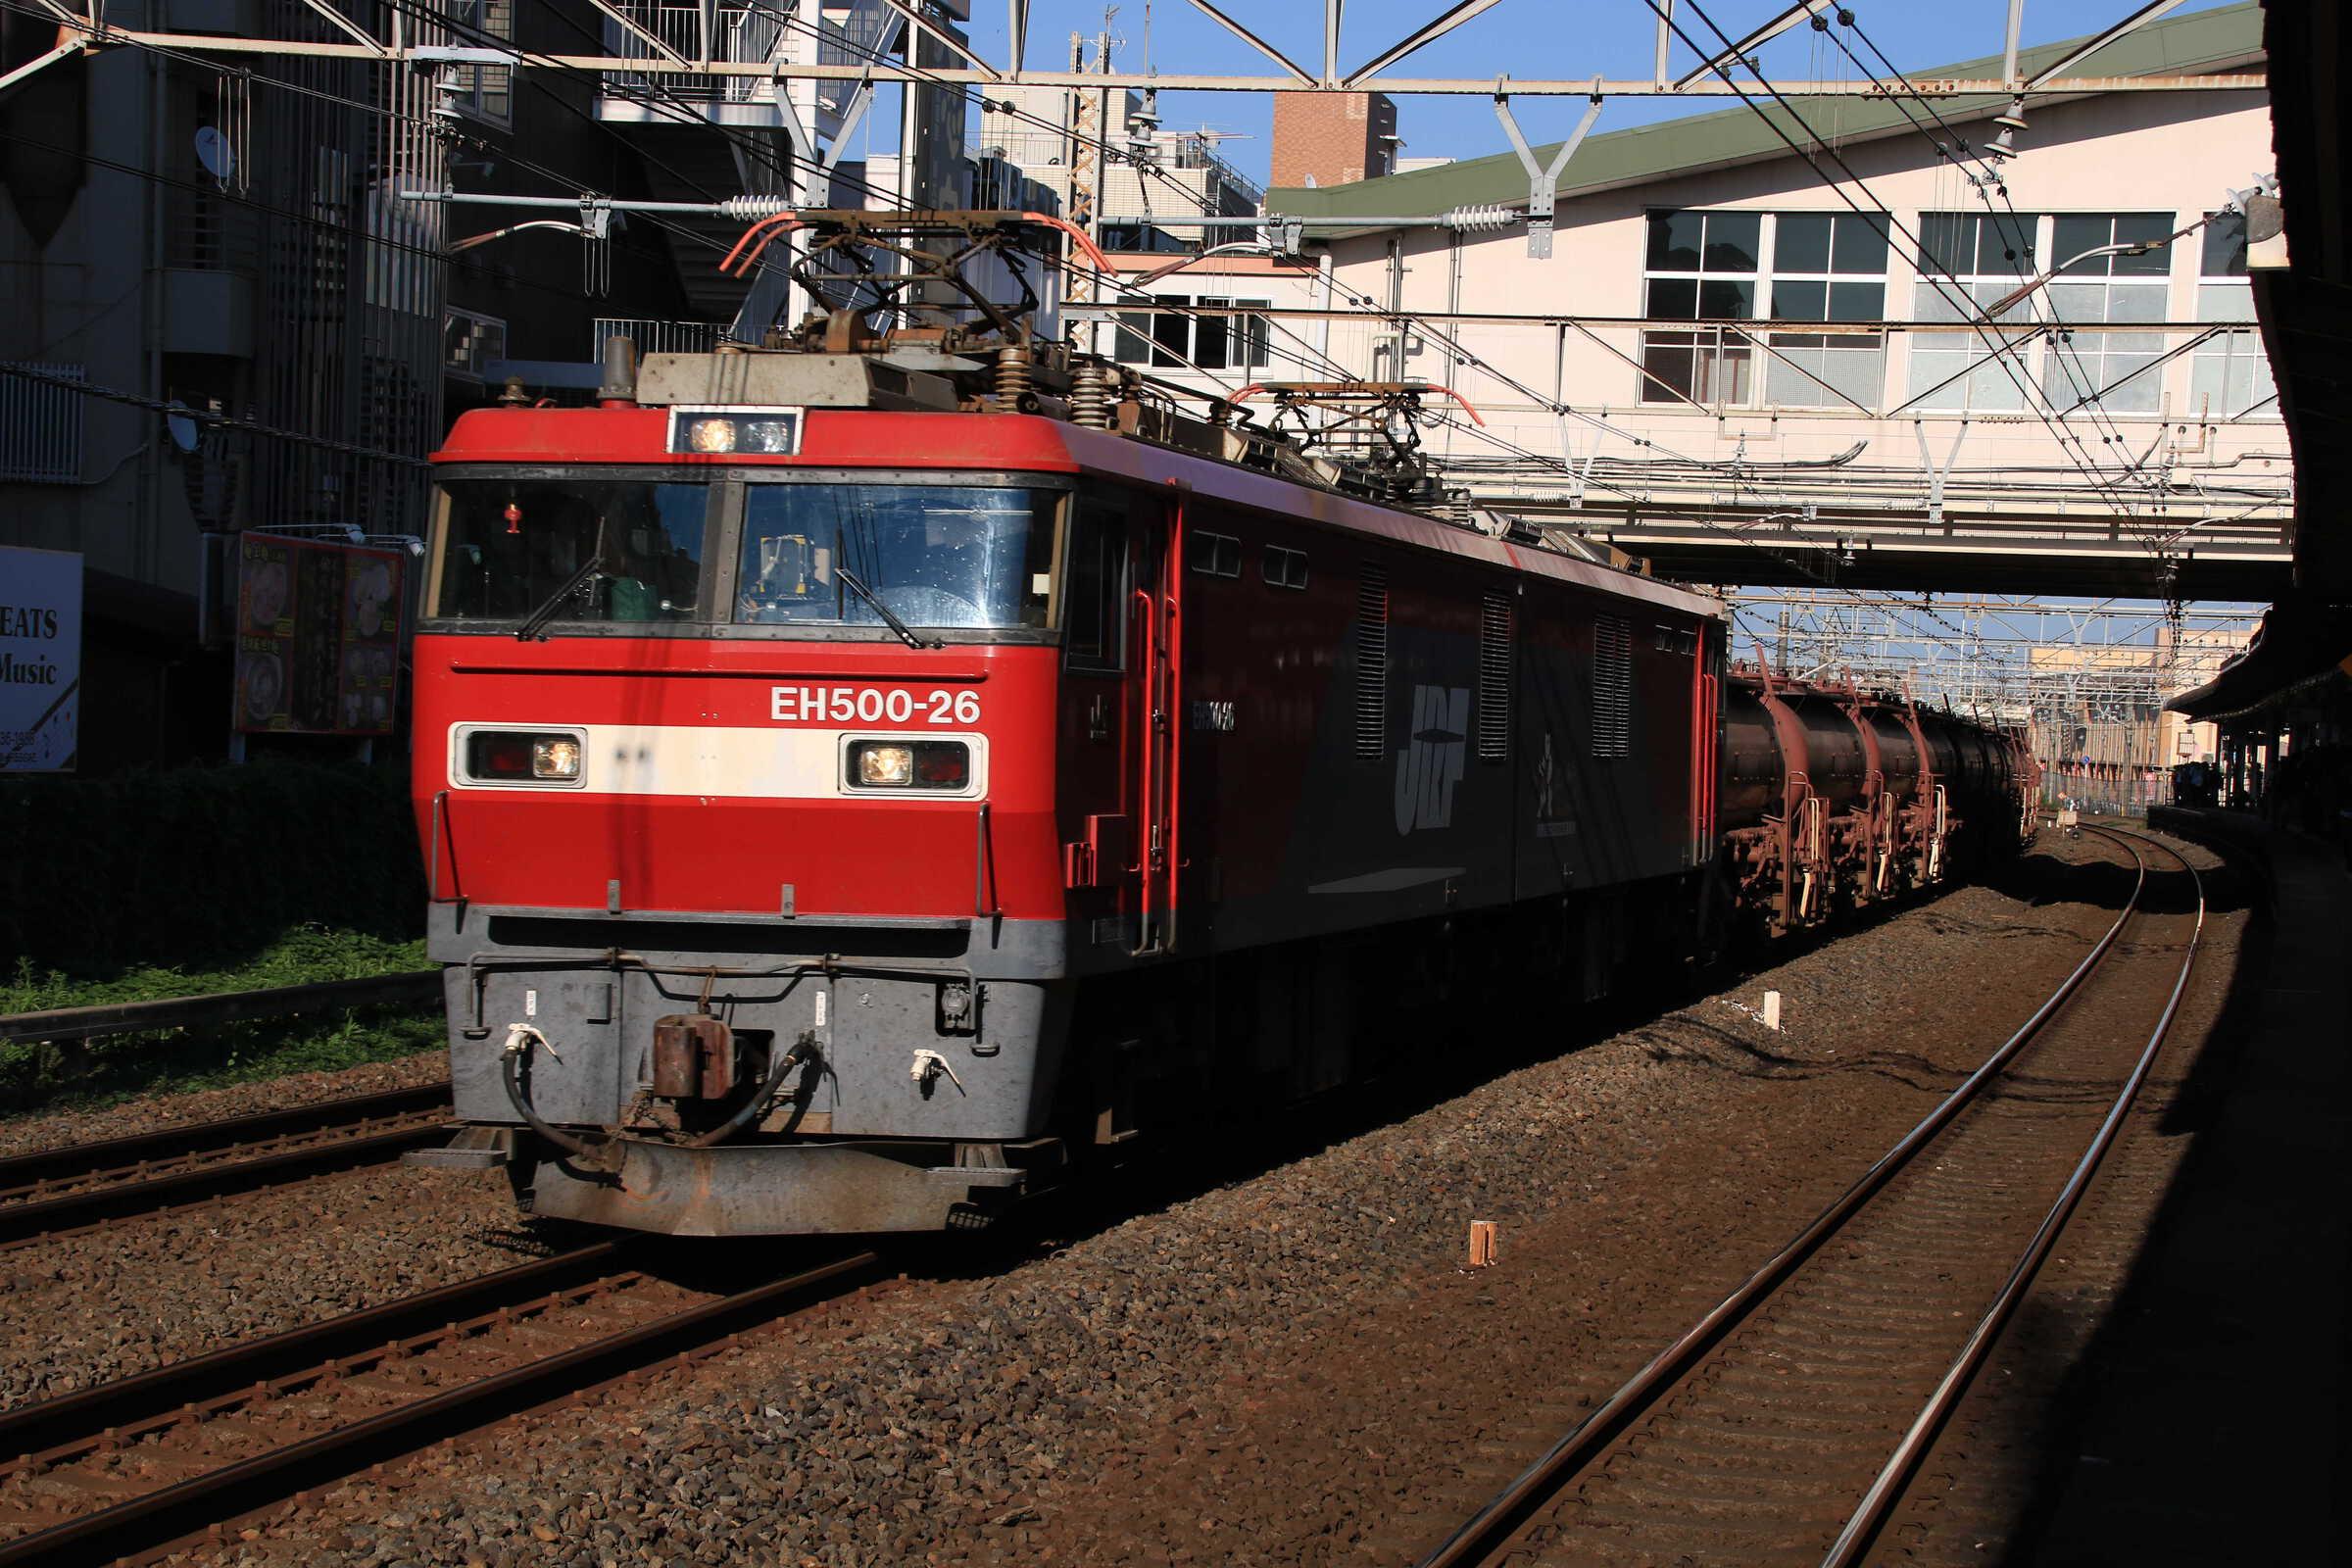 5094列車 EH500-26+トキ